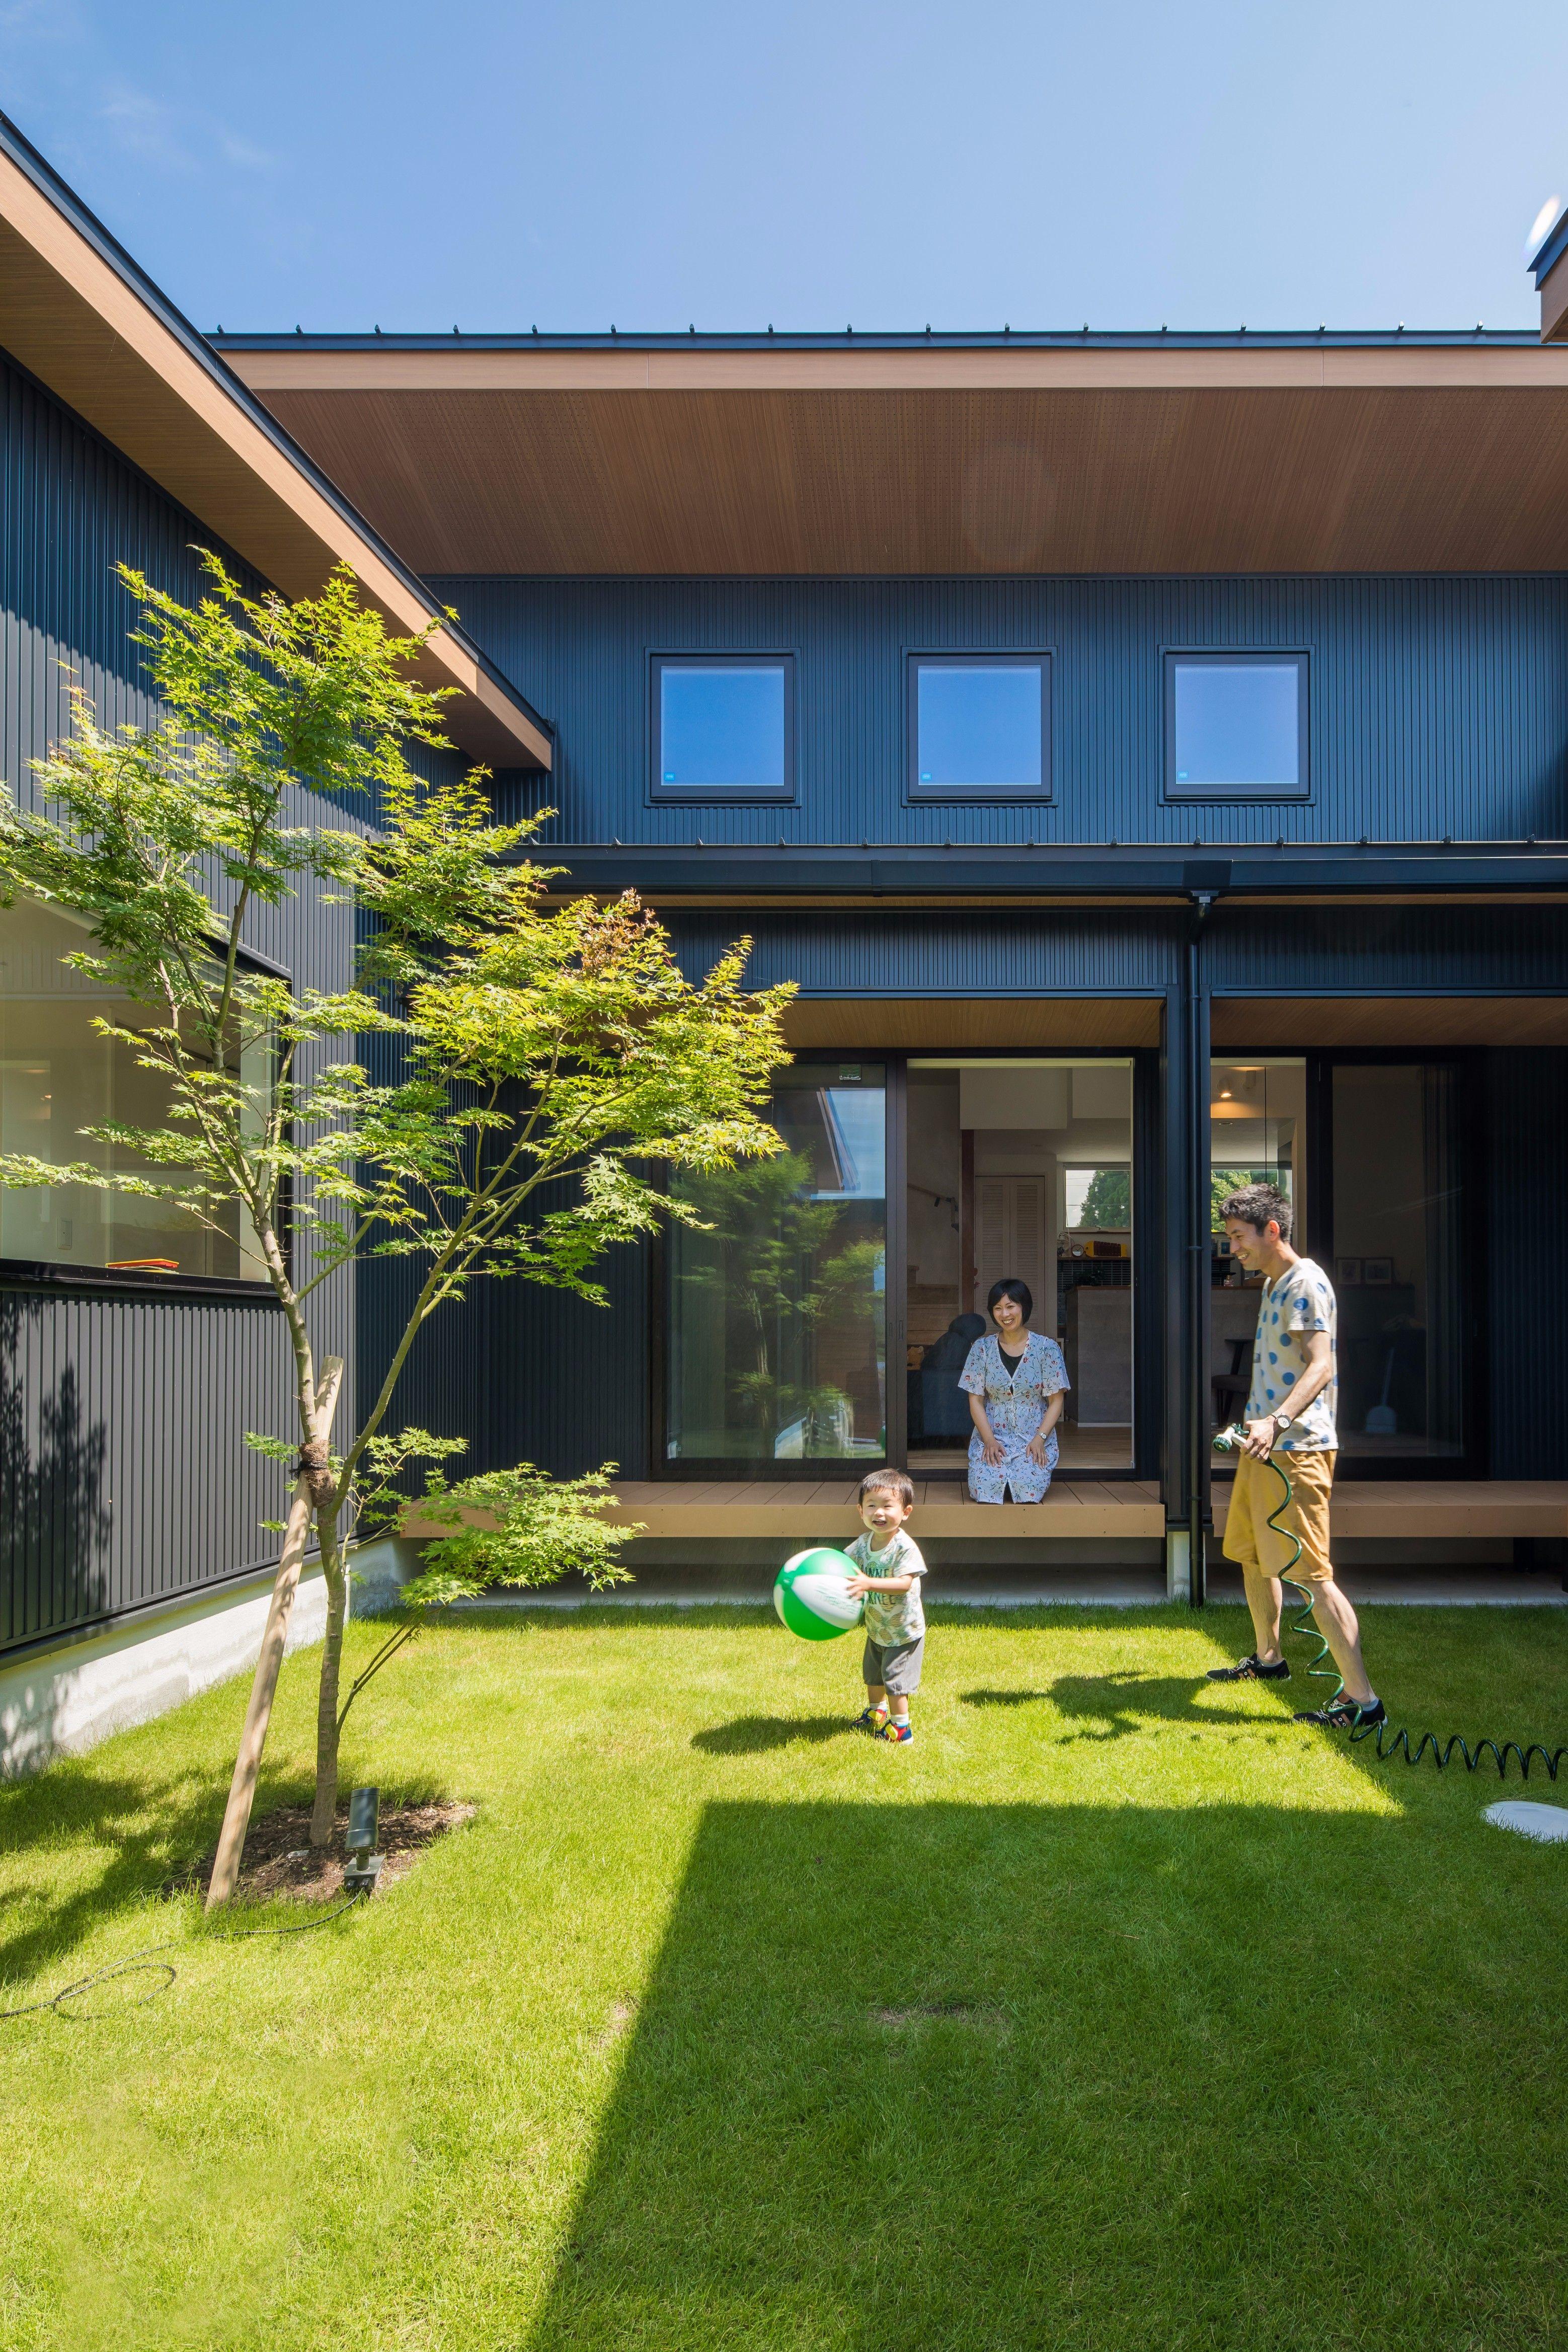 シンボルツリーのある芝生の大きな庭 ルポハウス 設計事務所 工務店